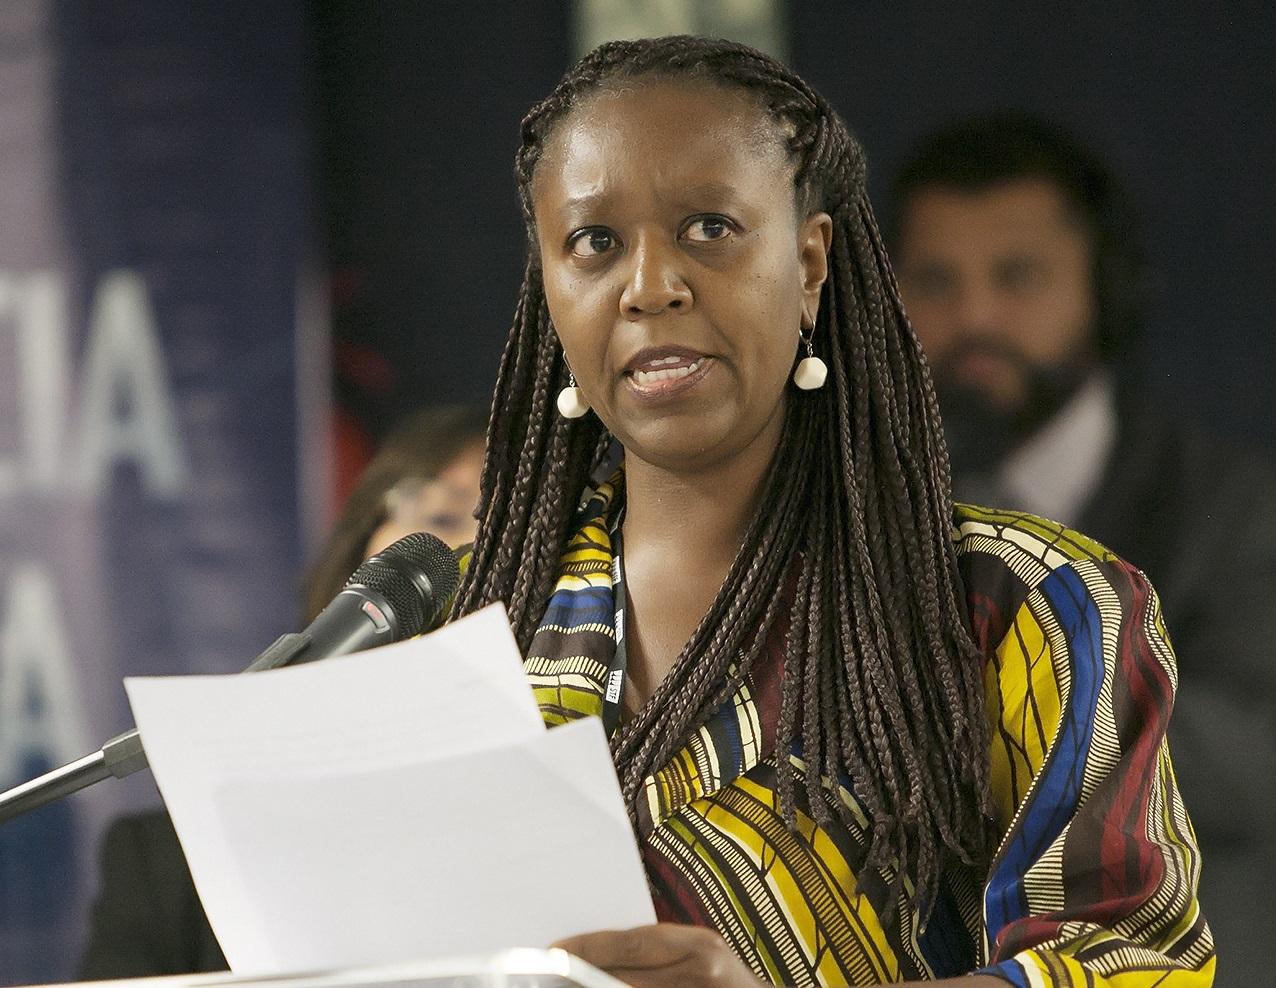 Fernanda Lopes avalia que restrição de acesso a serviços contribui para alta taxa de mortalidade materna entre pretas.   Foto: Fellipe Sampaio/SCO/STF